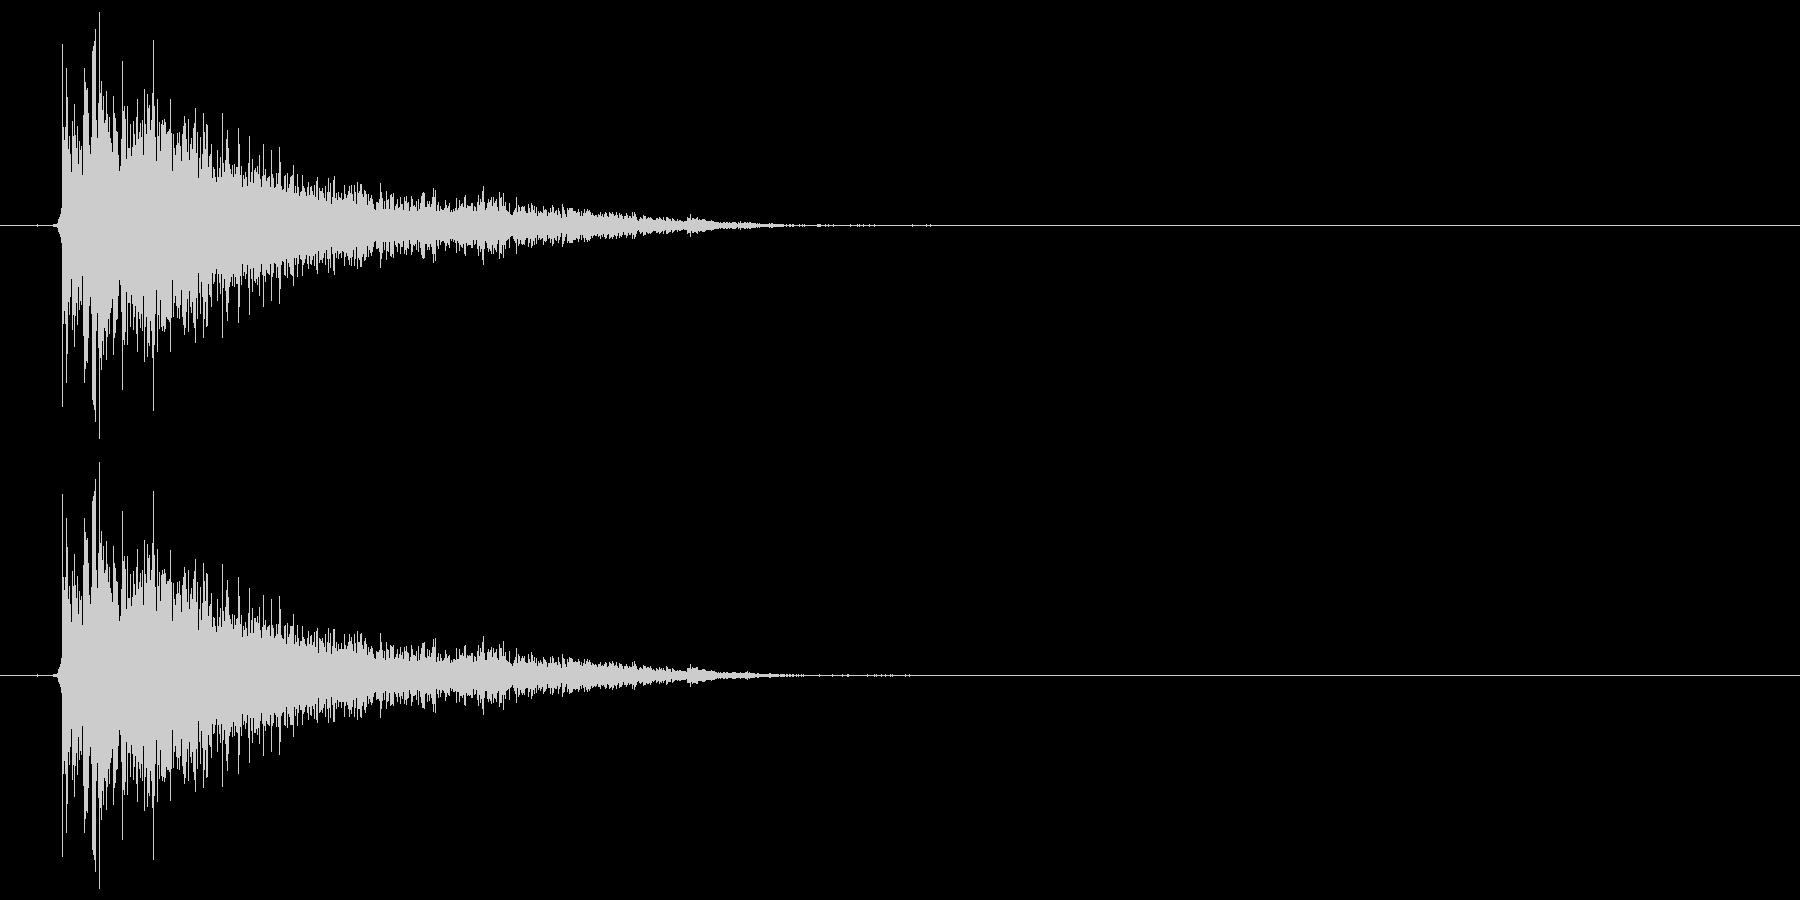 バスドラム+シンバル(ビシィー)の未再生の波形